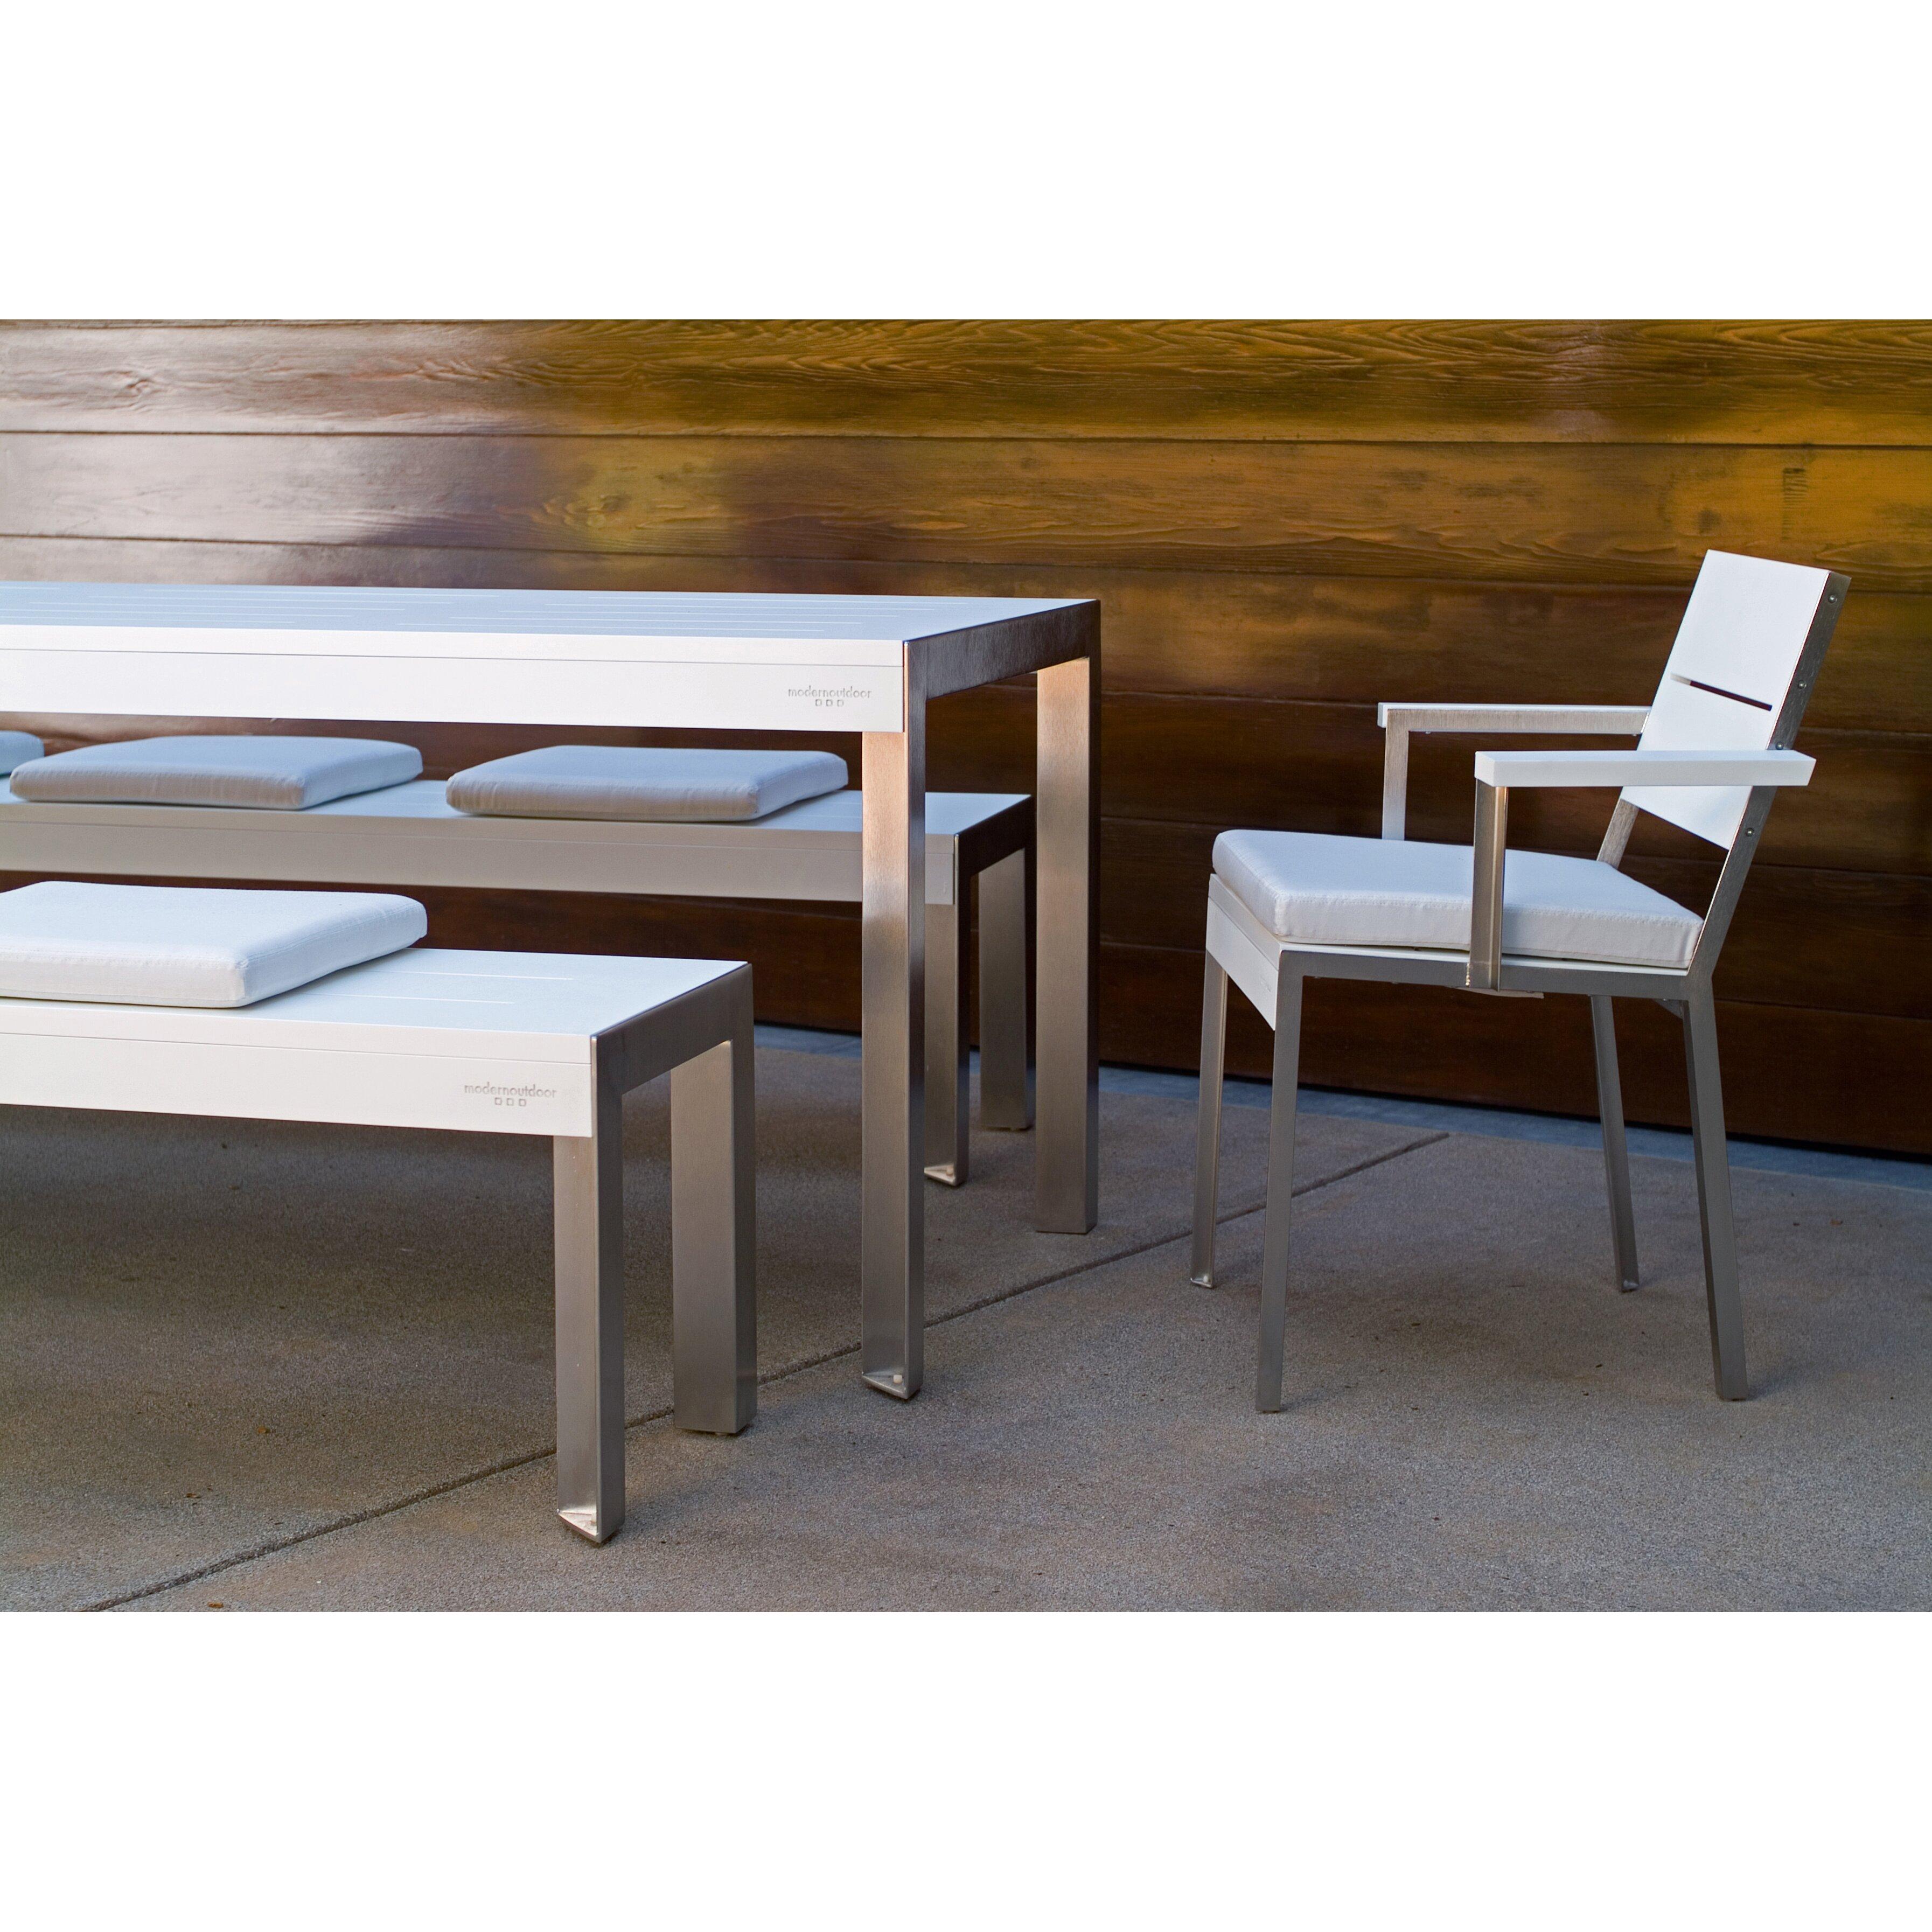 Contemporary Outdoor Benches: Modern Outdoor Etra Small Bench